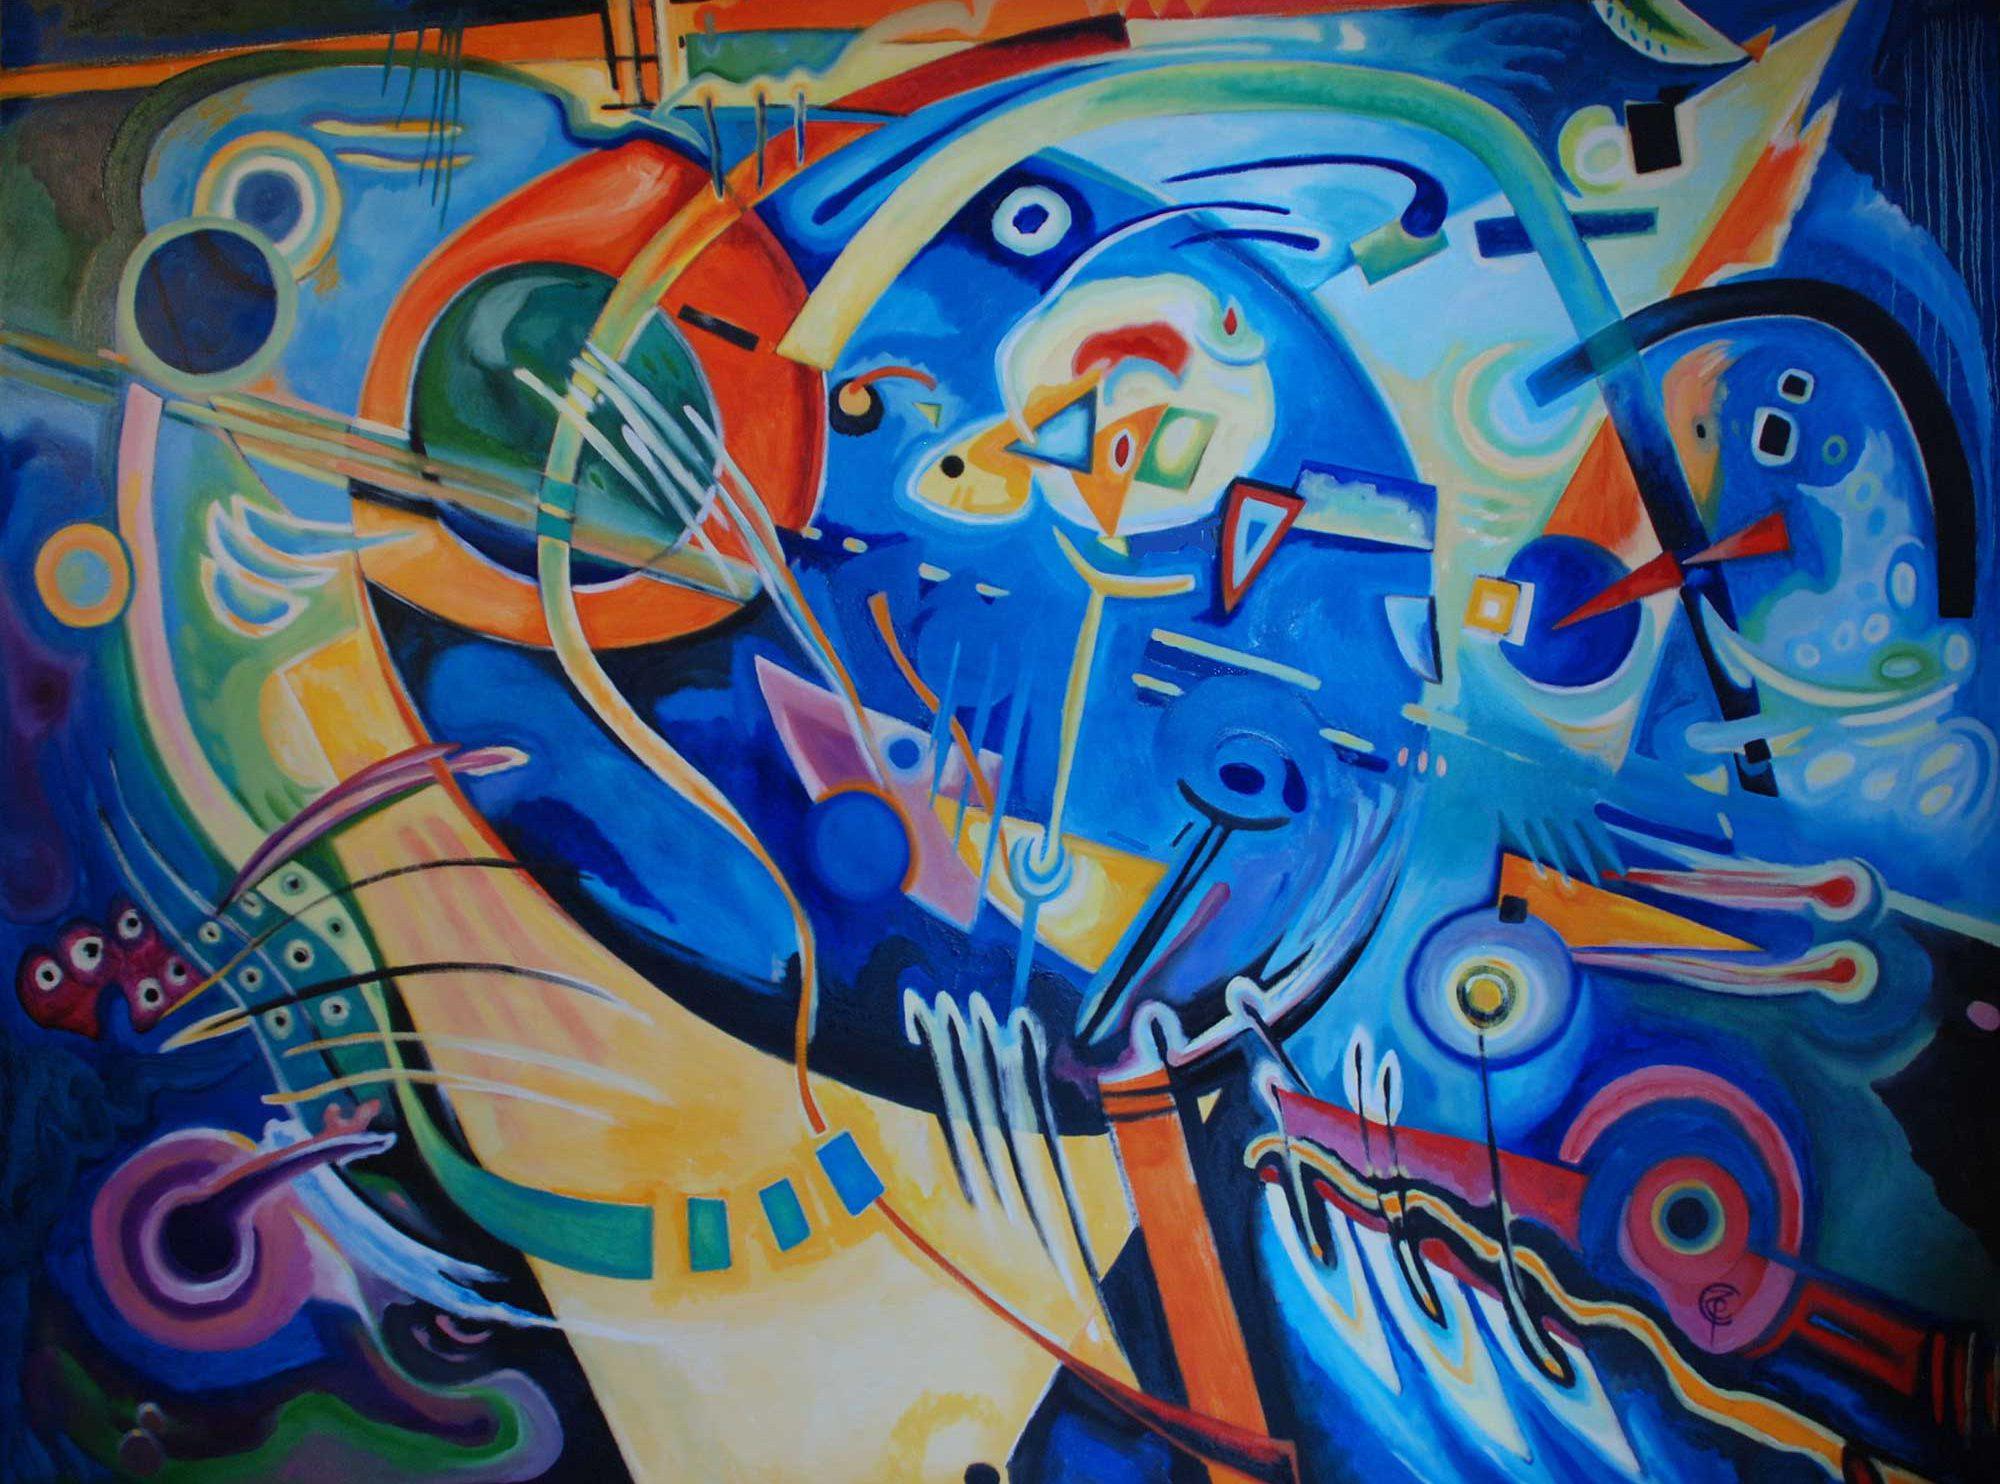 Le opere di Pino Zennaro